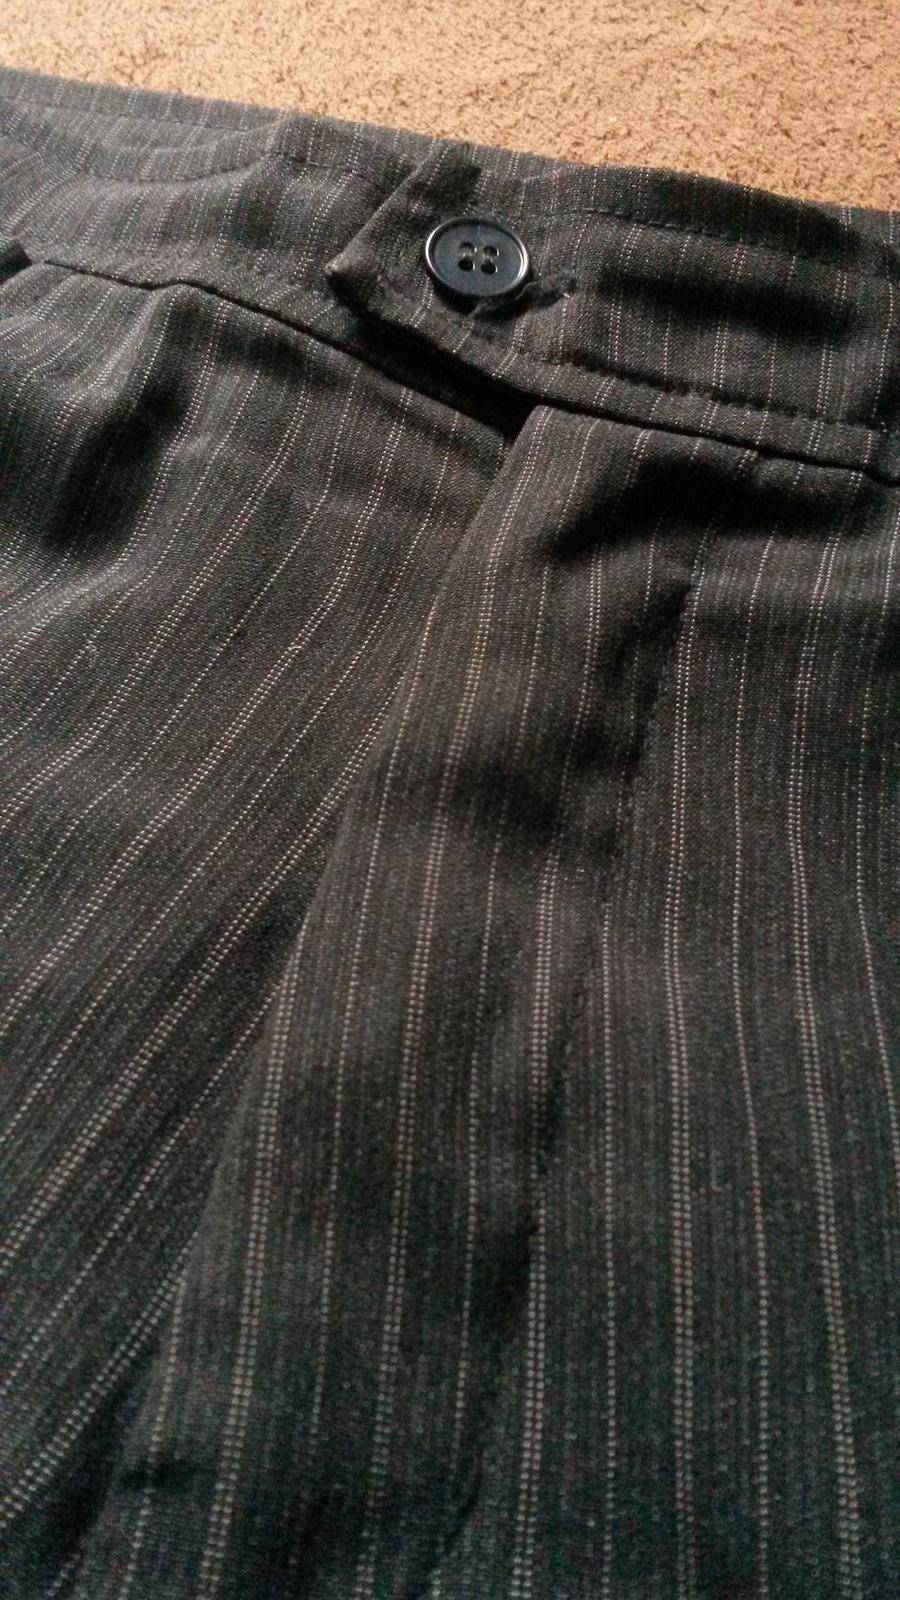 Pásikavé nohavice - Obrázok č. 2